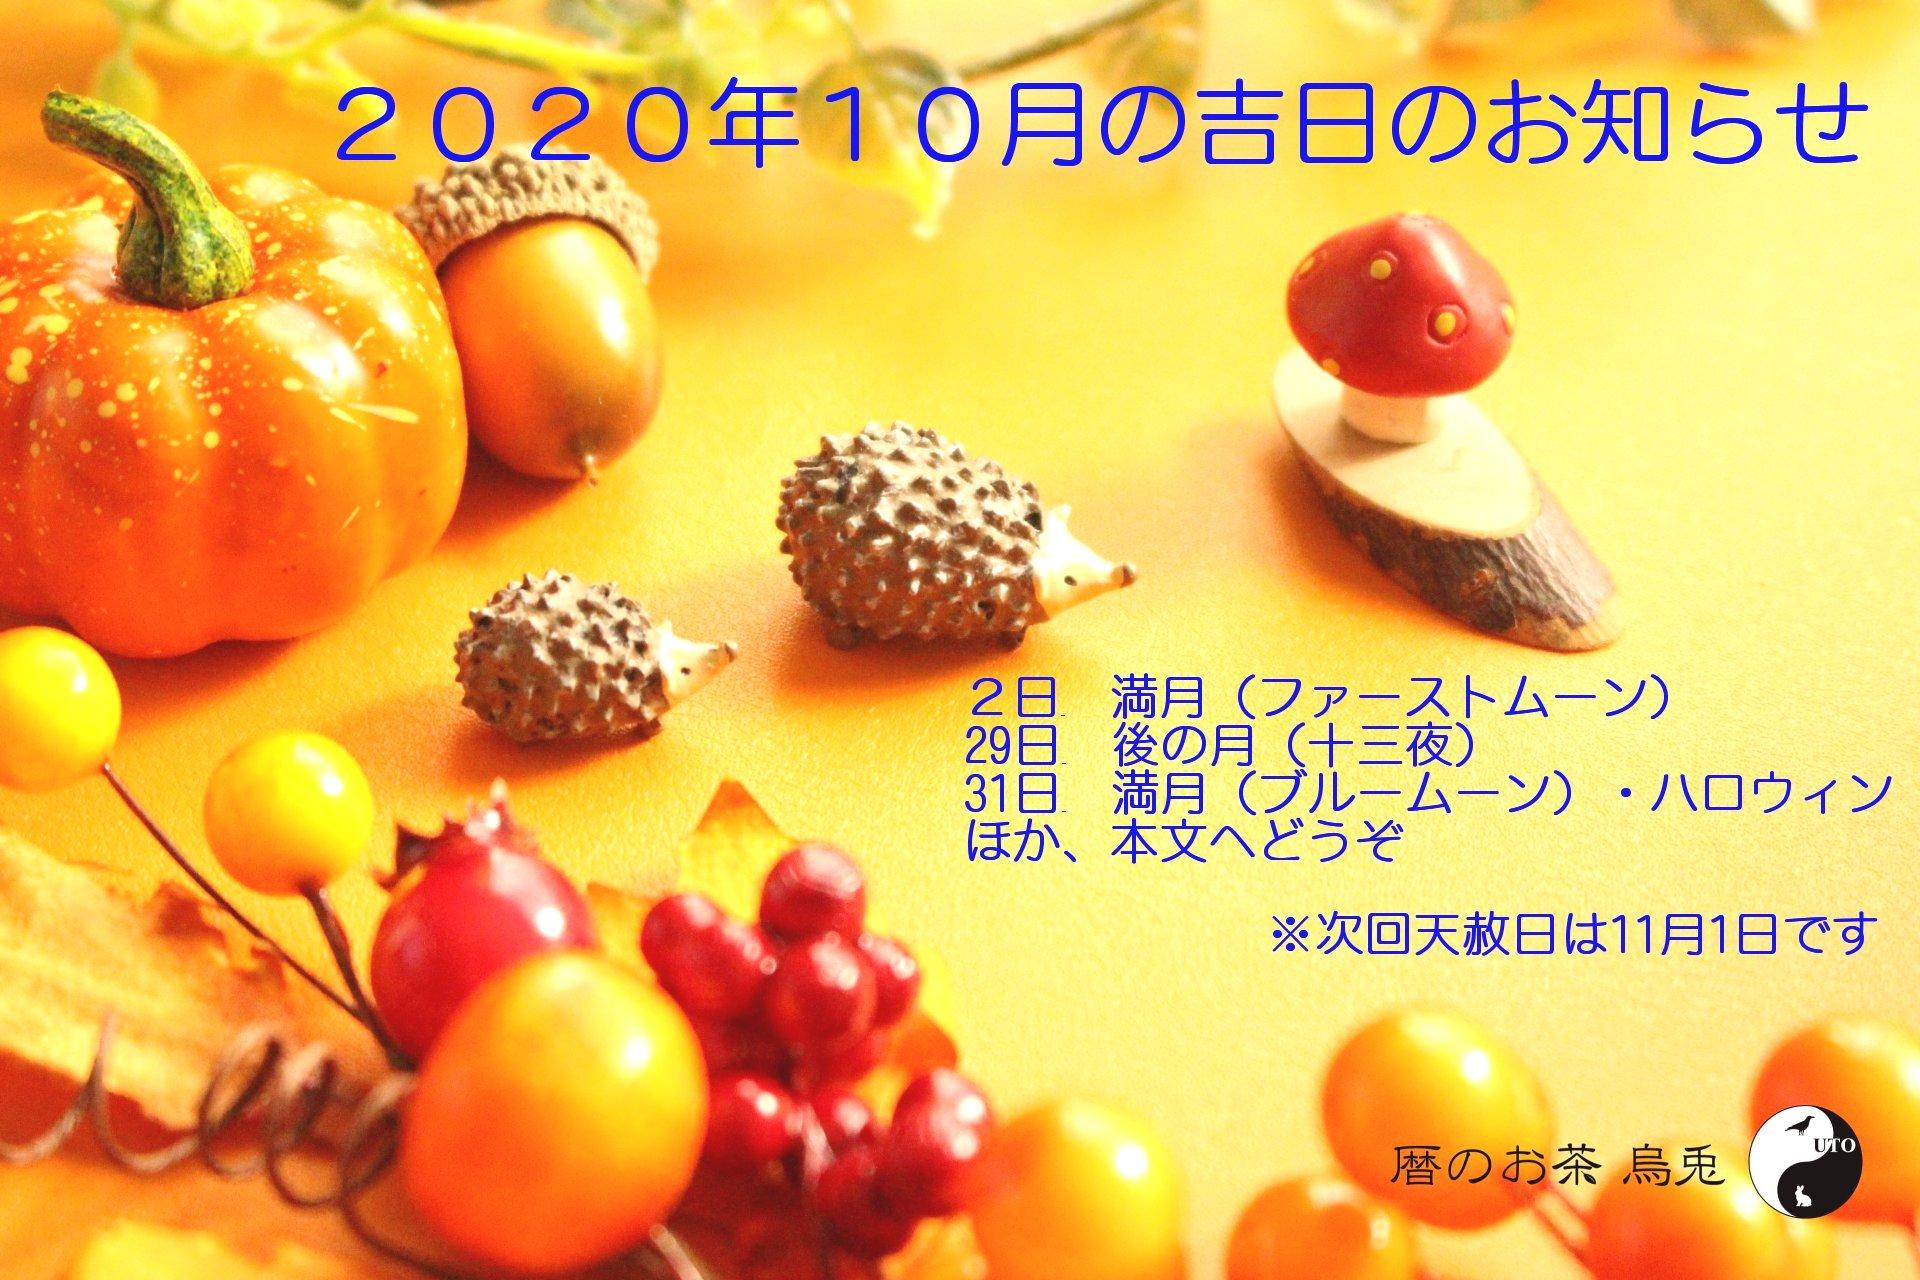 2020年10月の吉日と月の暦のお知らせ